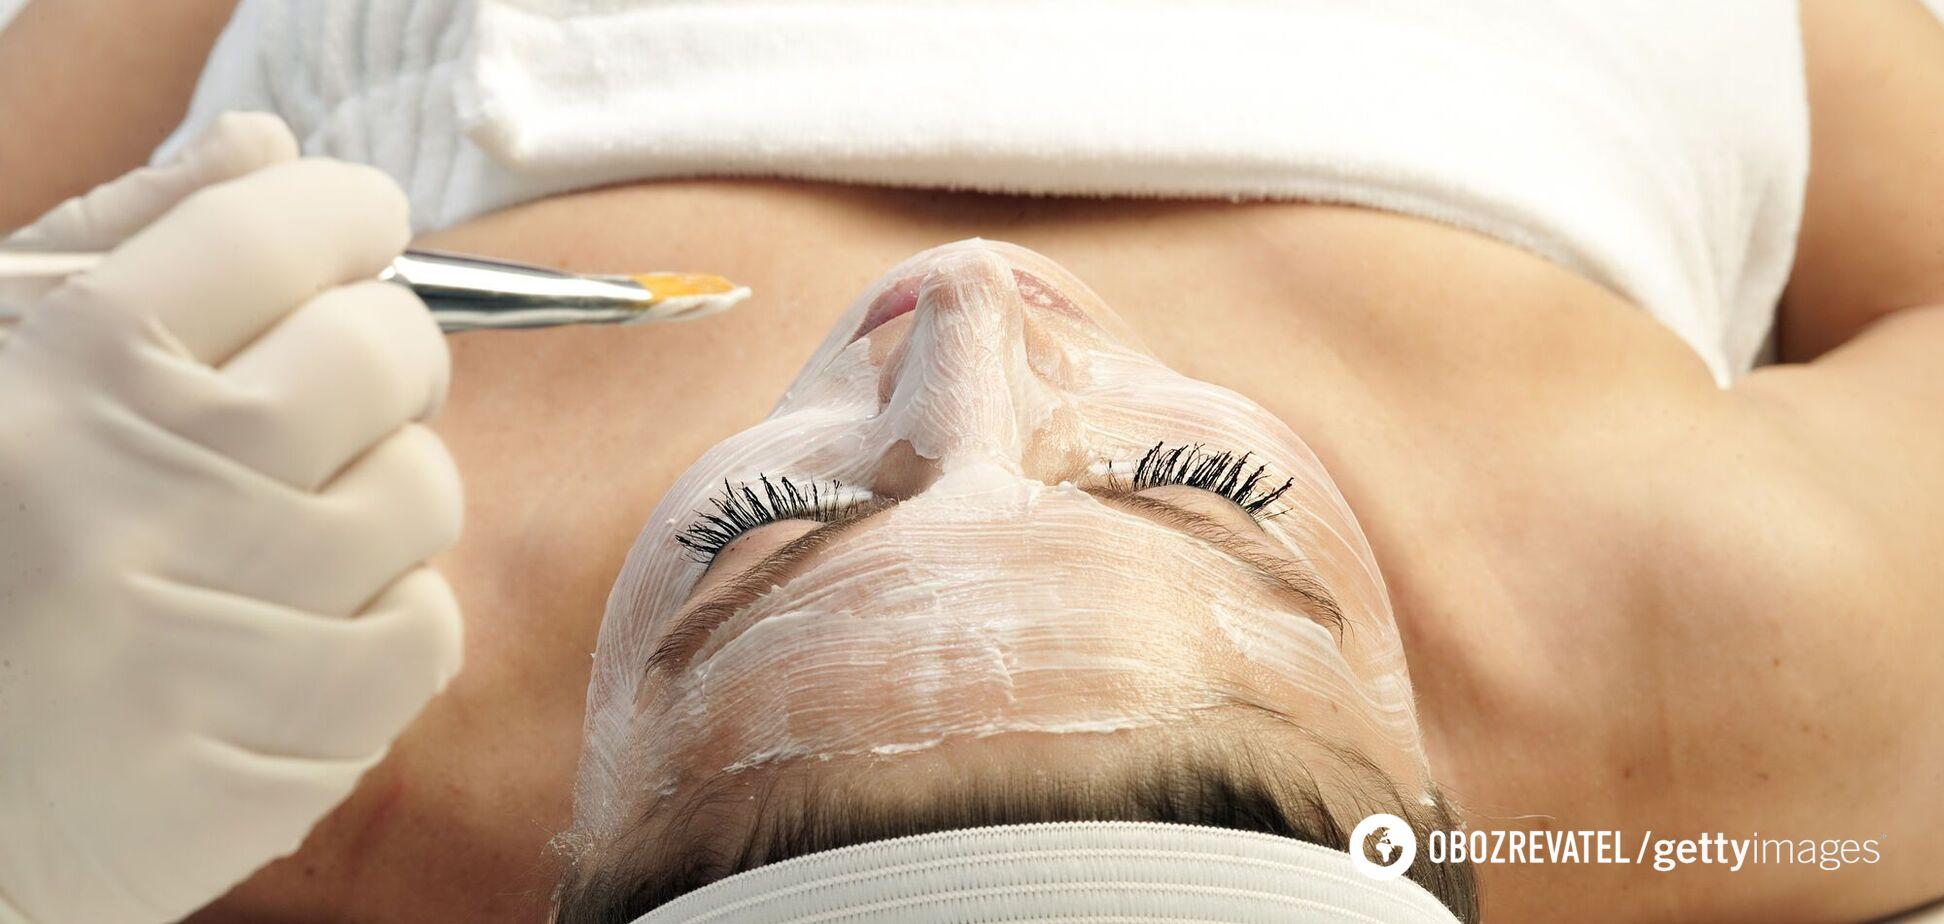 Названо 4 косметологічні процедури, які можуть нашкодити здоров'ю